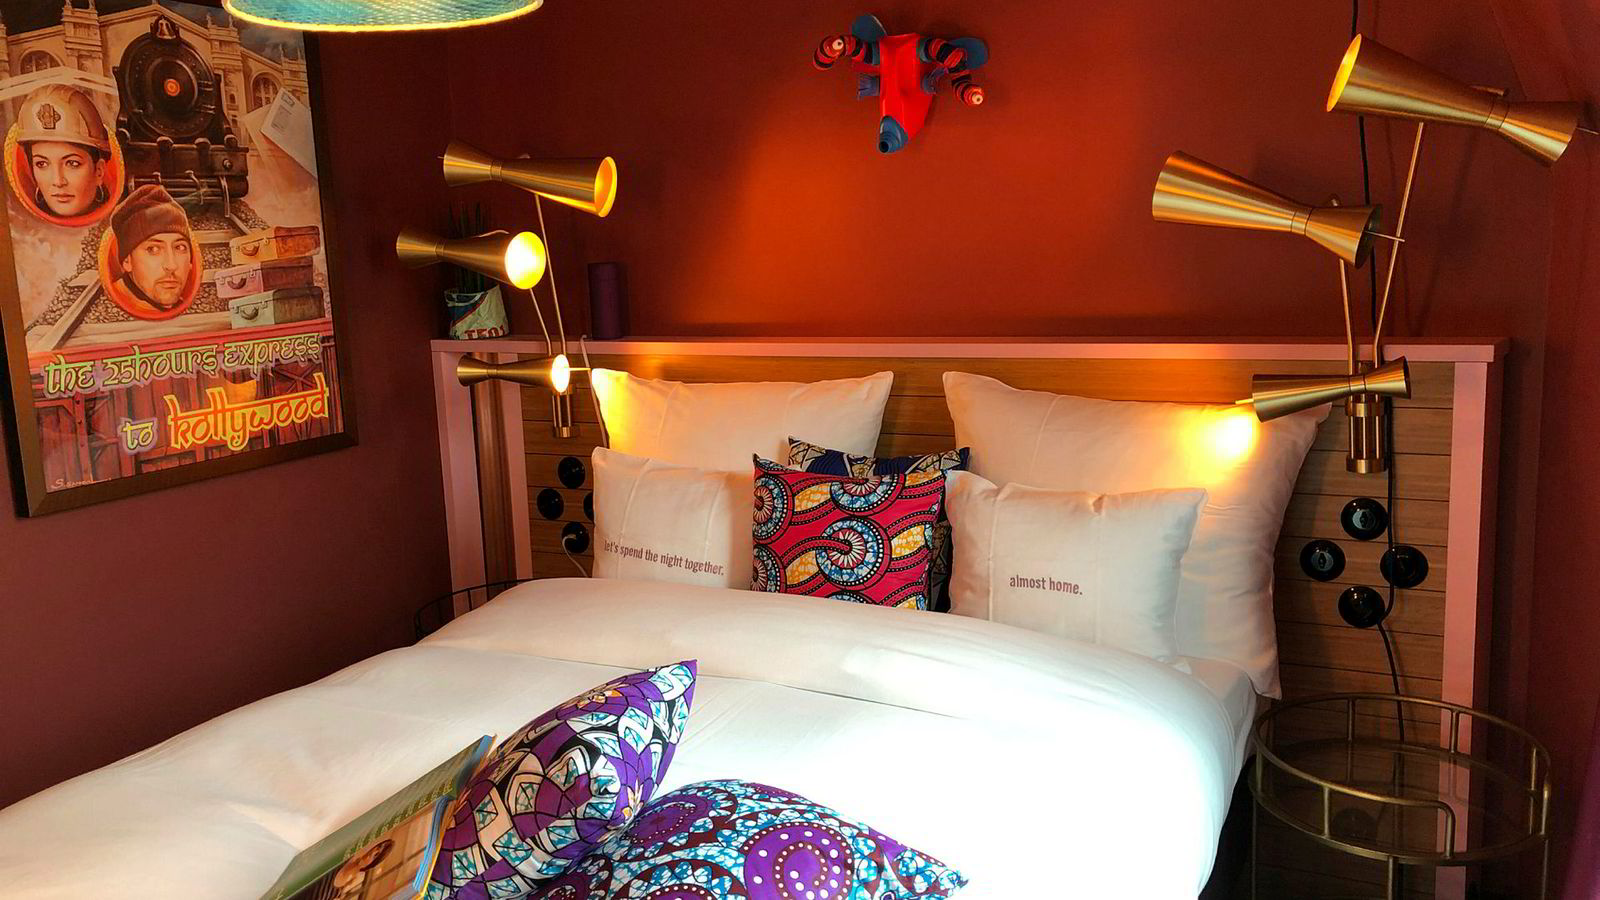 Bollywood-plakater på veggen, kombinert med afrikanskinspirerte puter og taklampee, samt lysbrytere og sengelamper akkurat som hjemme hos oldemor.